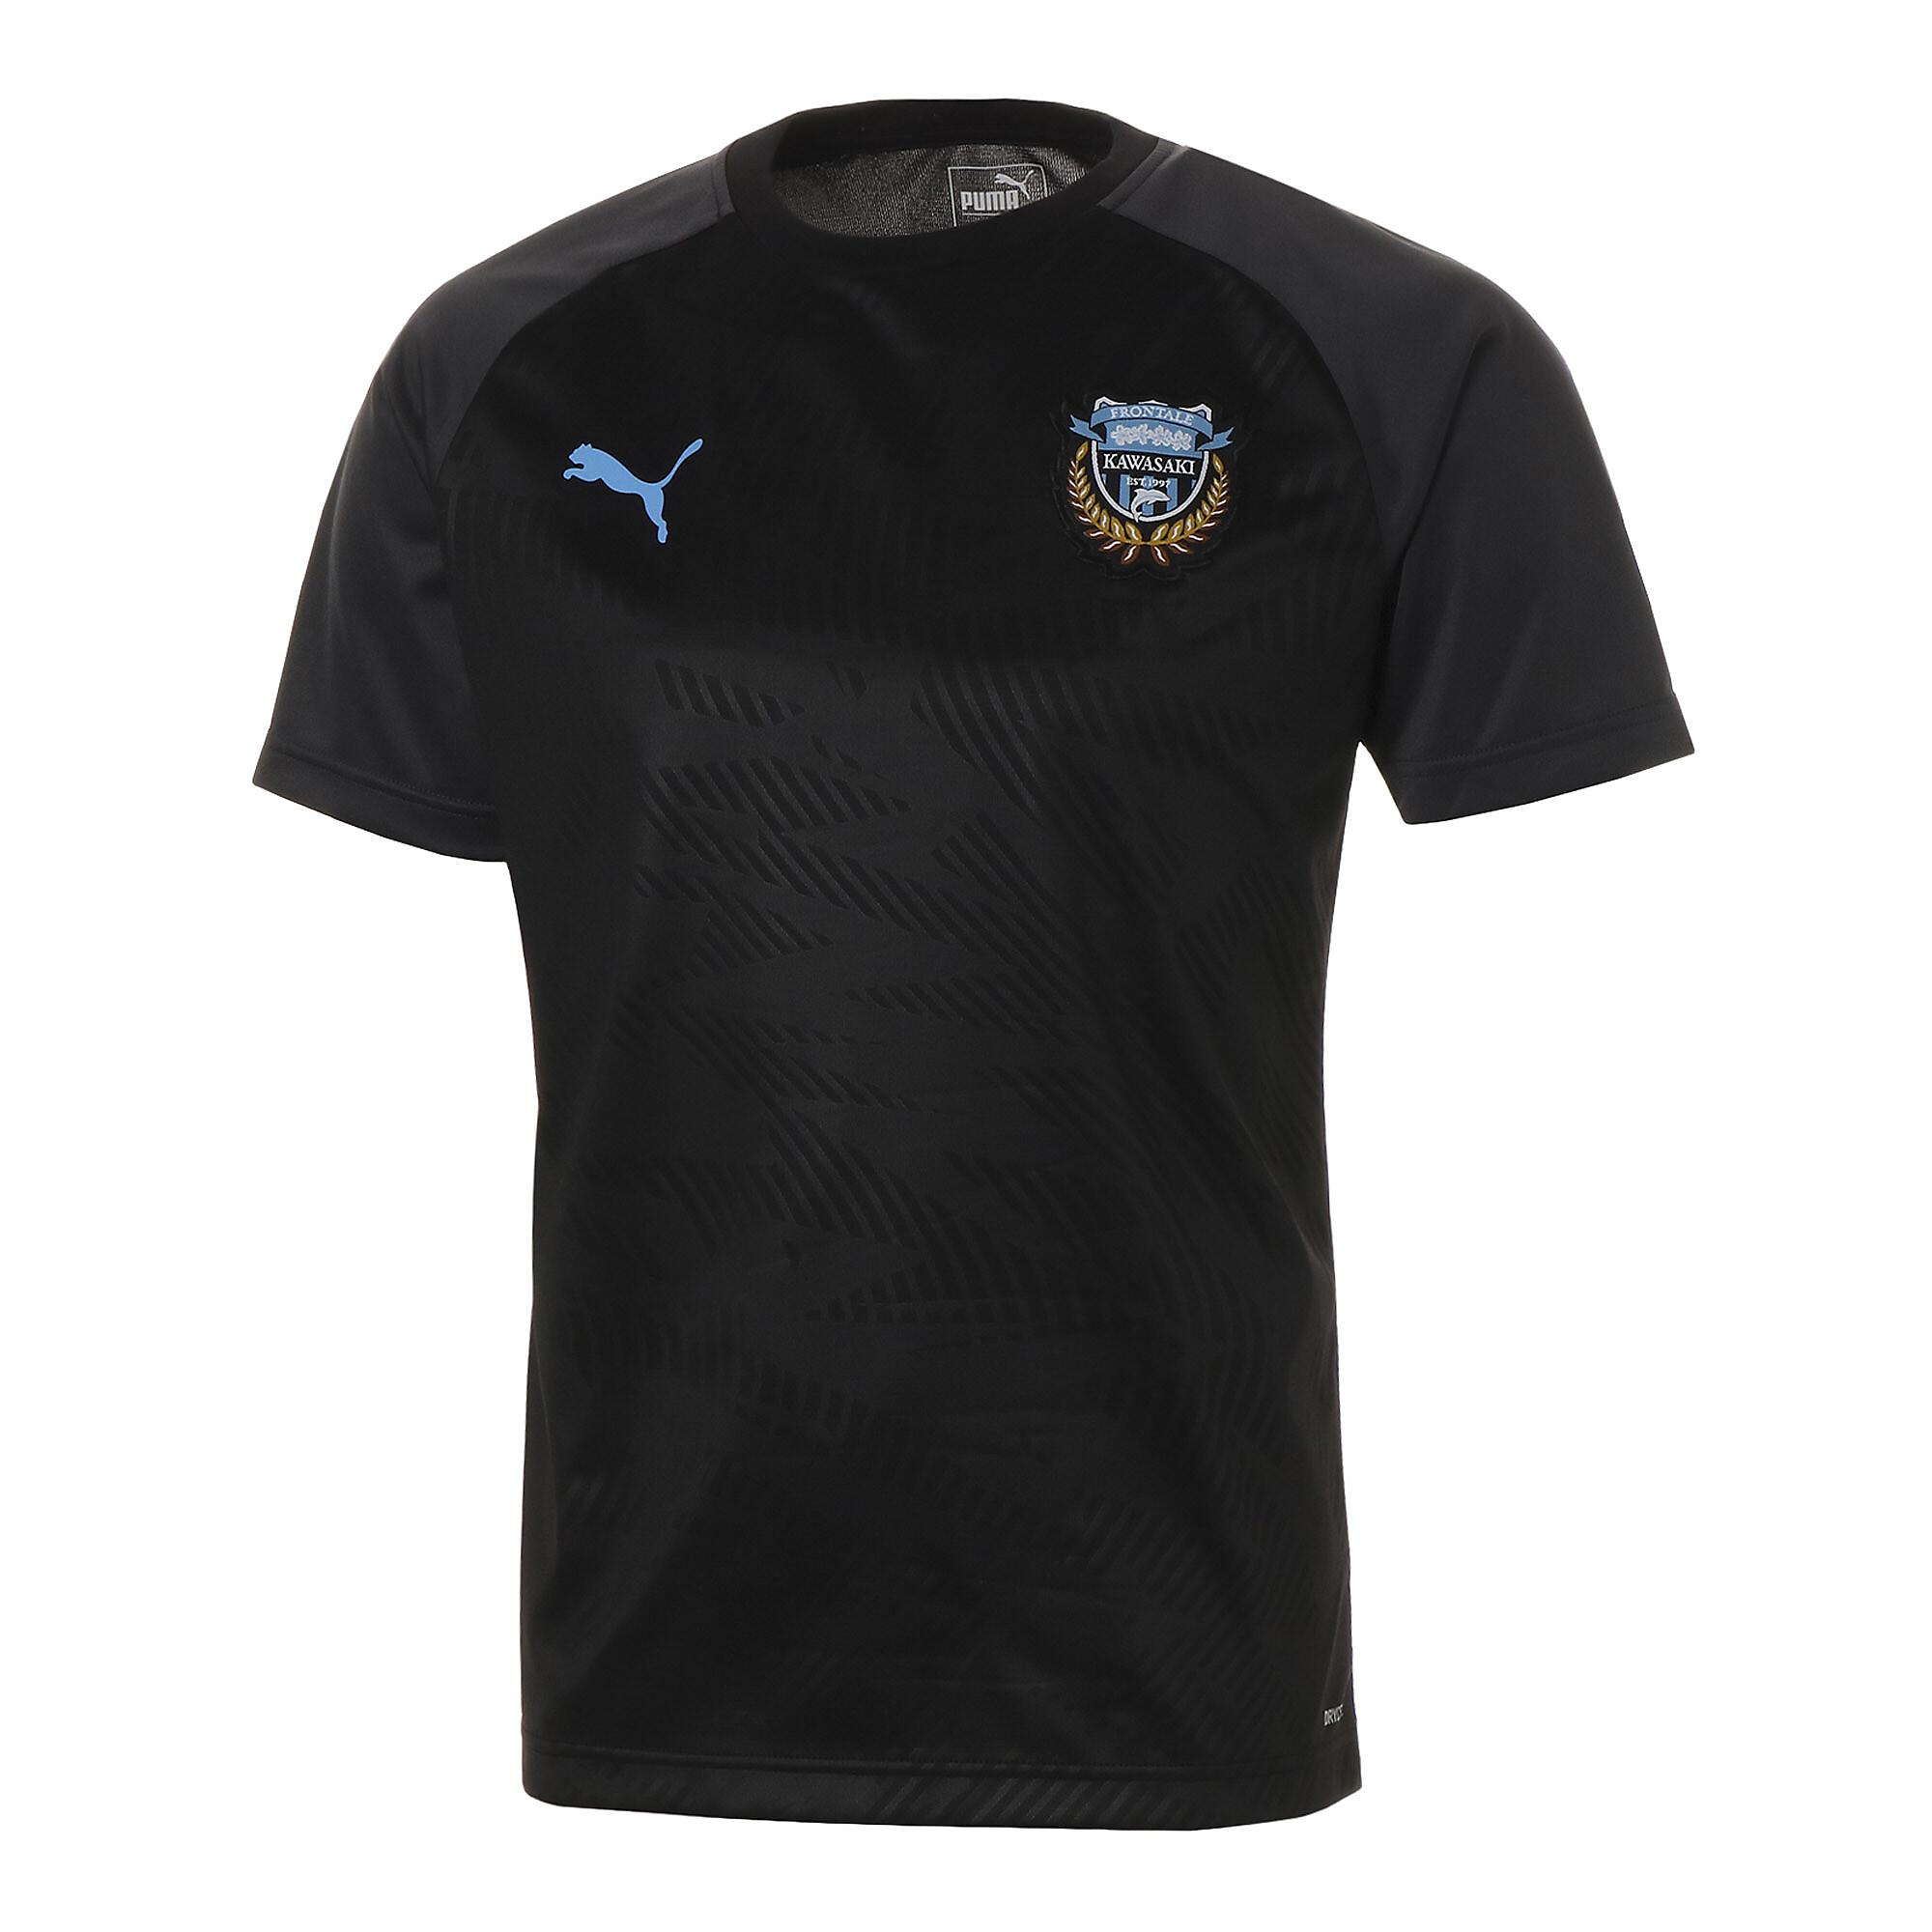 【プーマ公式通販】 プーマ フロンターレ プレマッチ ハンソデ トレーニング シャツ メンズ Puma Black-FR Blue |PUMA.com